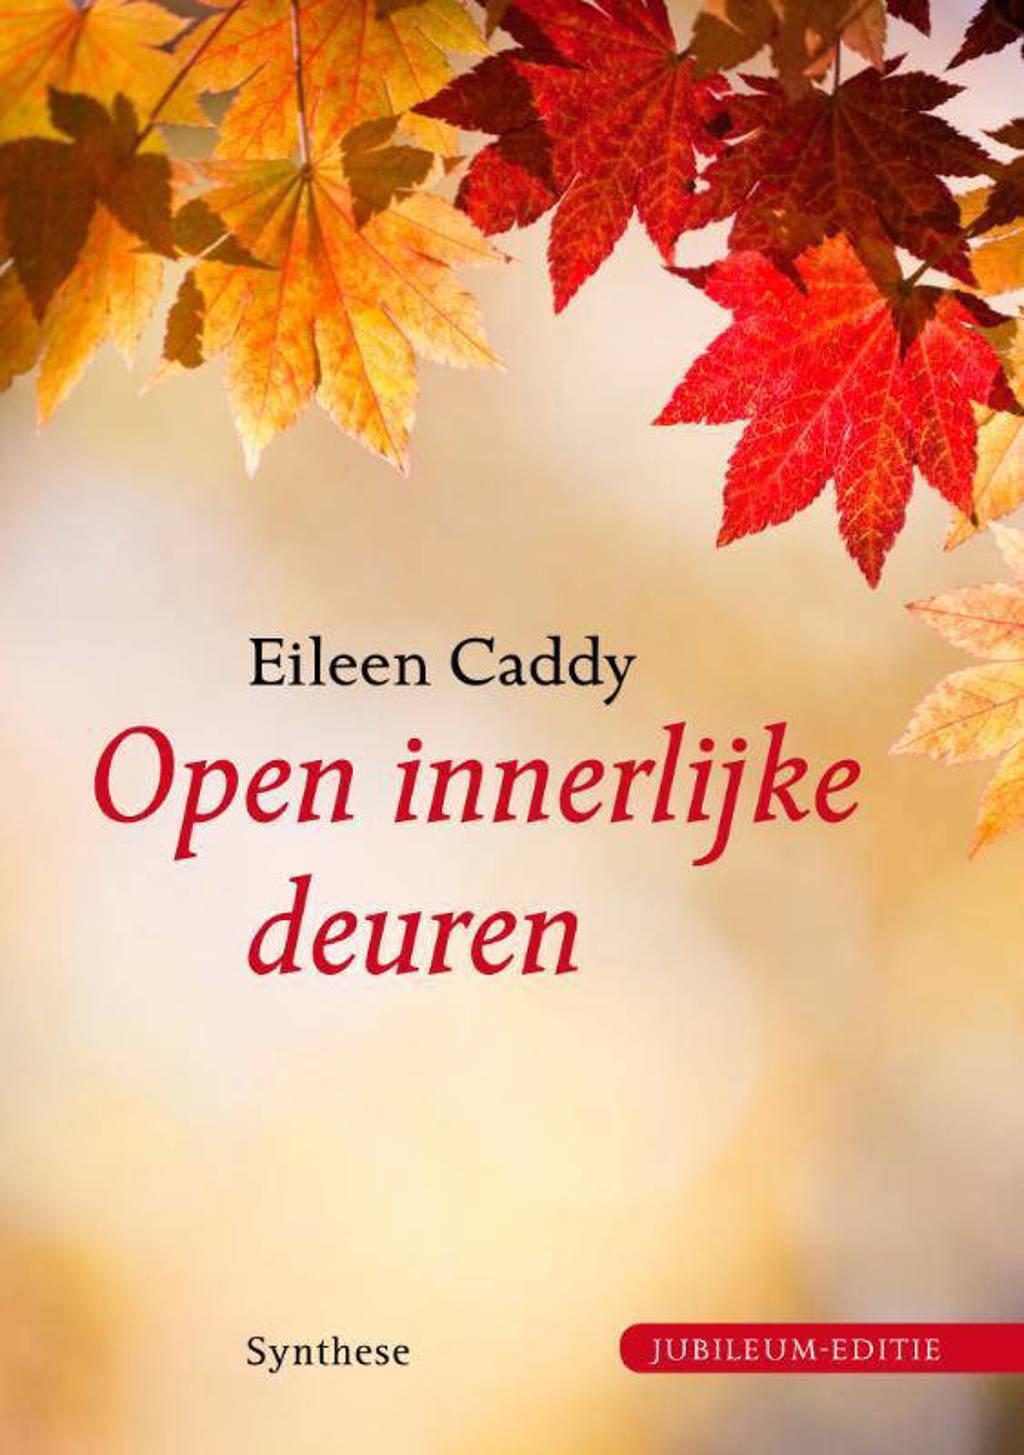 Open innerlijke deuren - Eileen Caddy